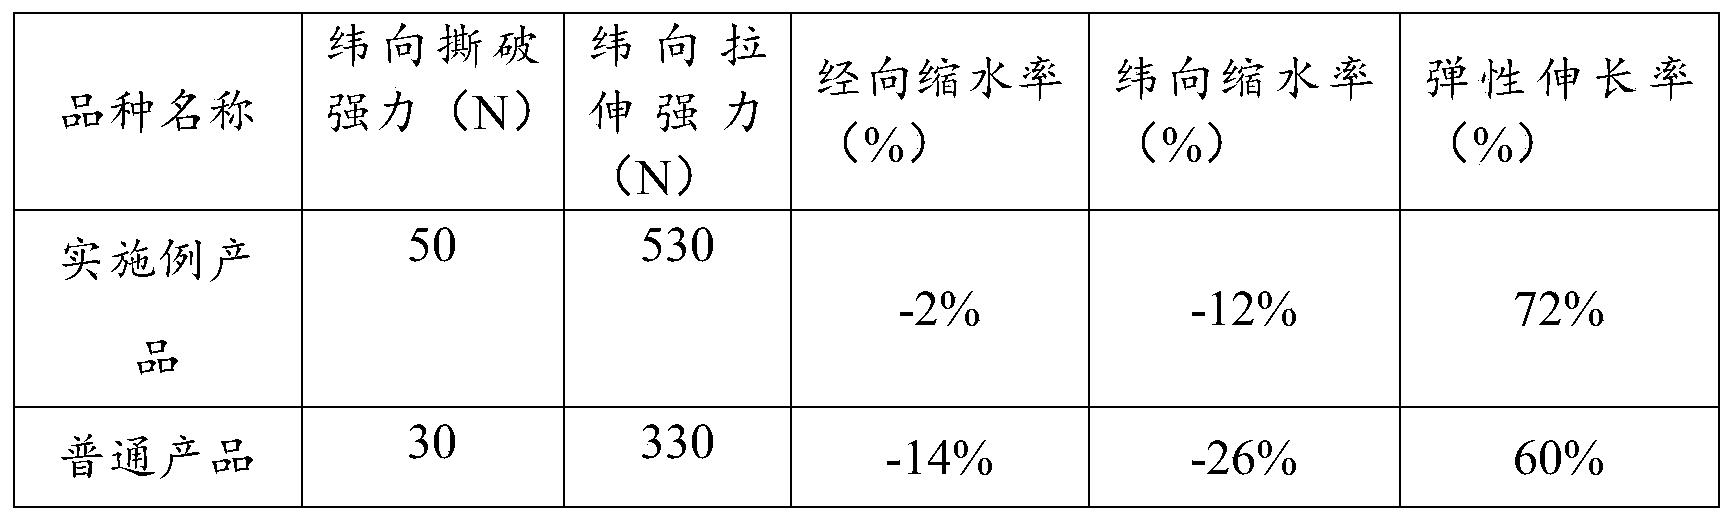 Figure PCTCN2019078519-appb-000010